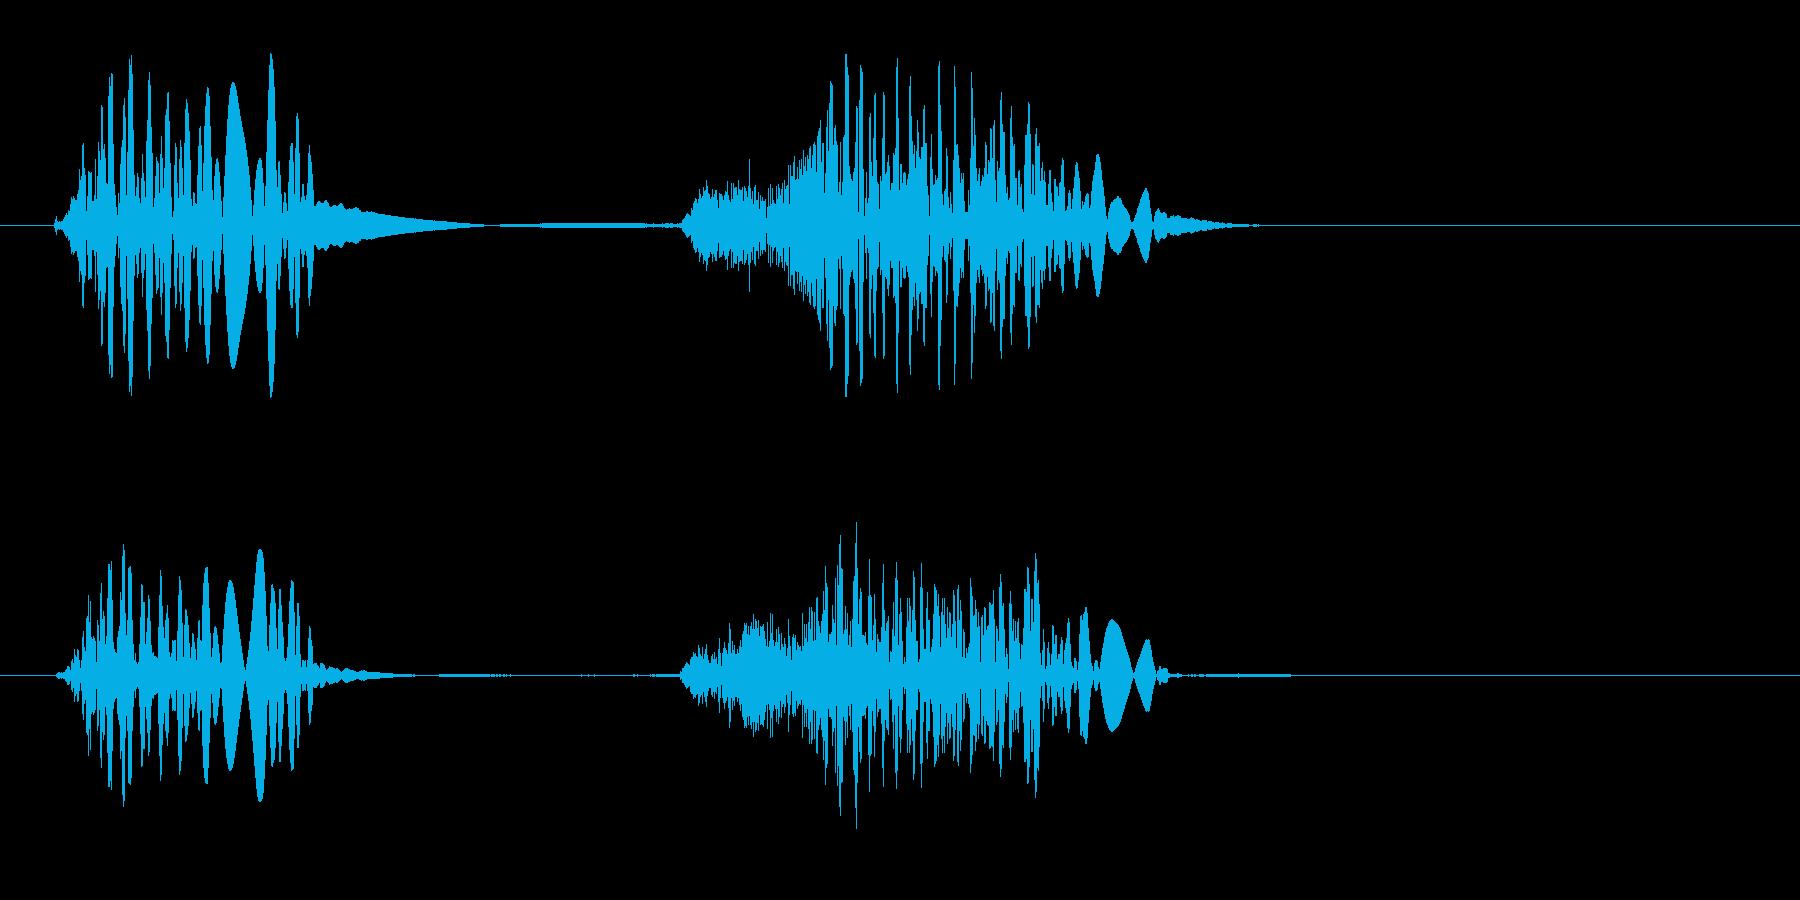 ベチョ、という何かがくっつくような音の再生済みの波形